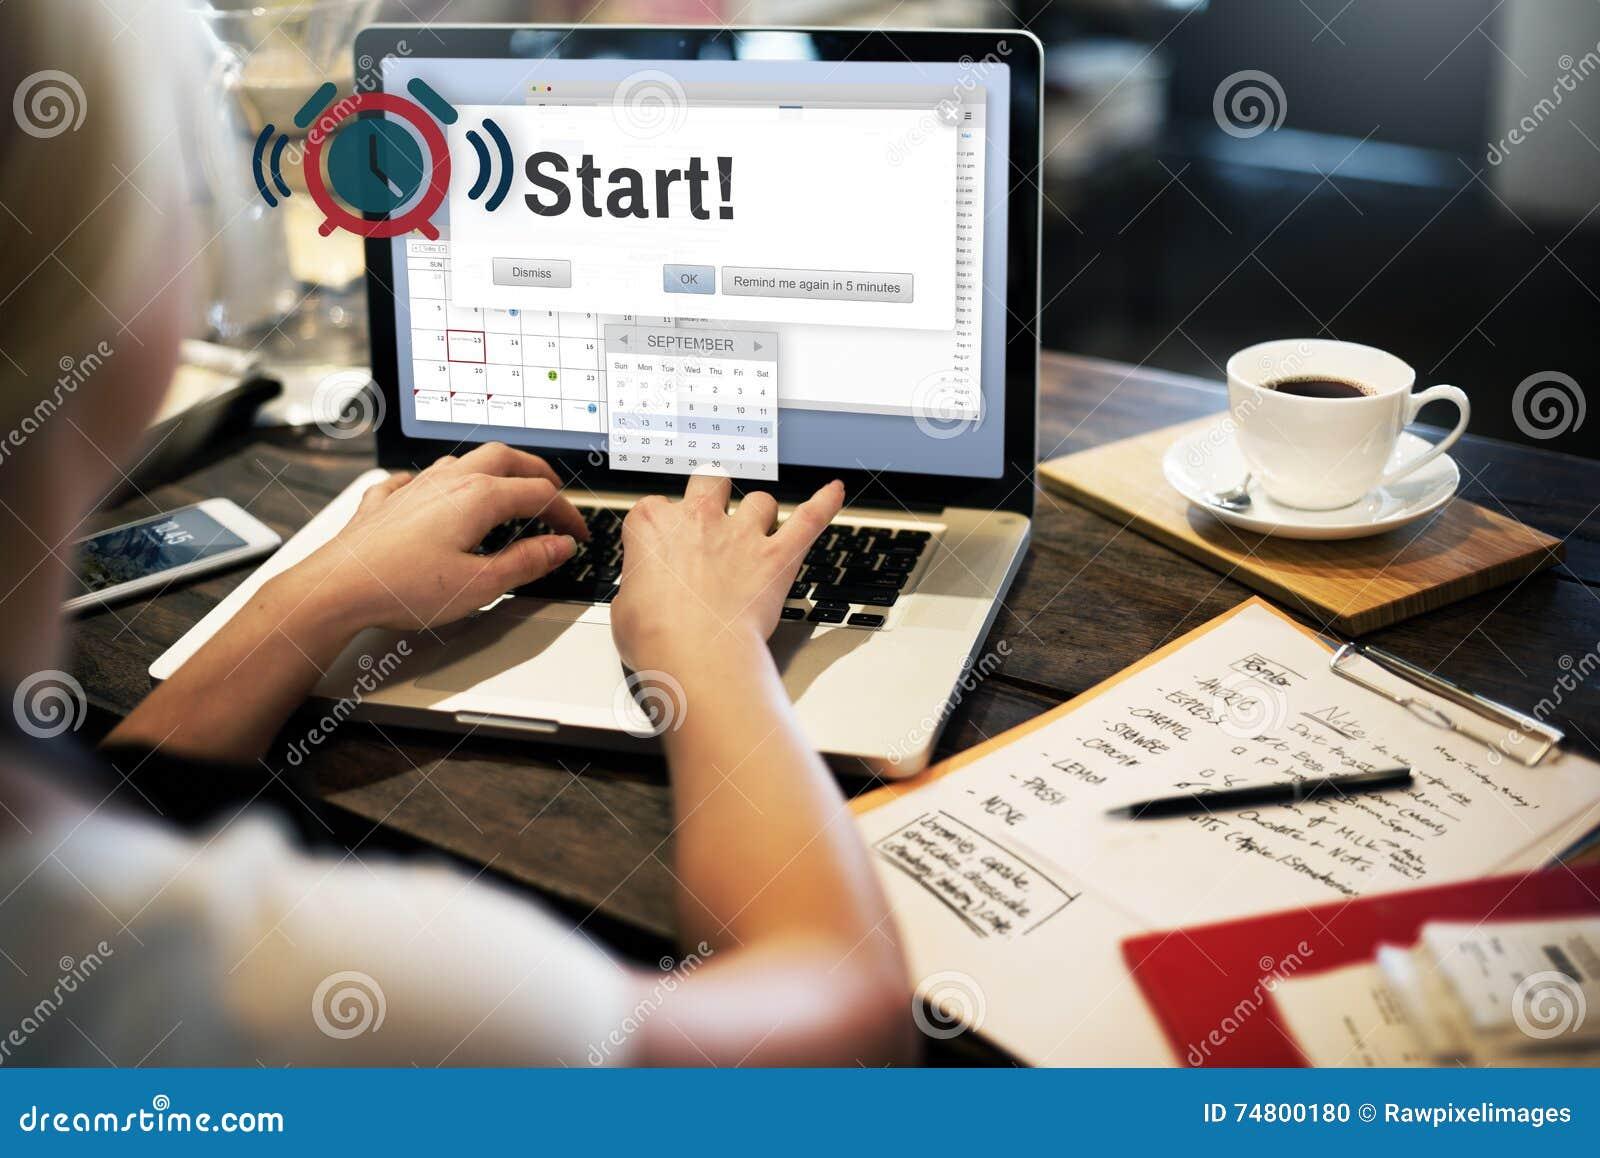 Comece começar conceito da ativação do lançamento Startup dianteiro o primeiro